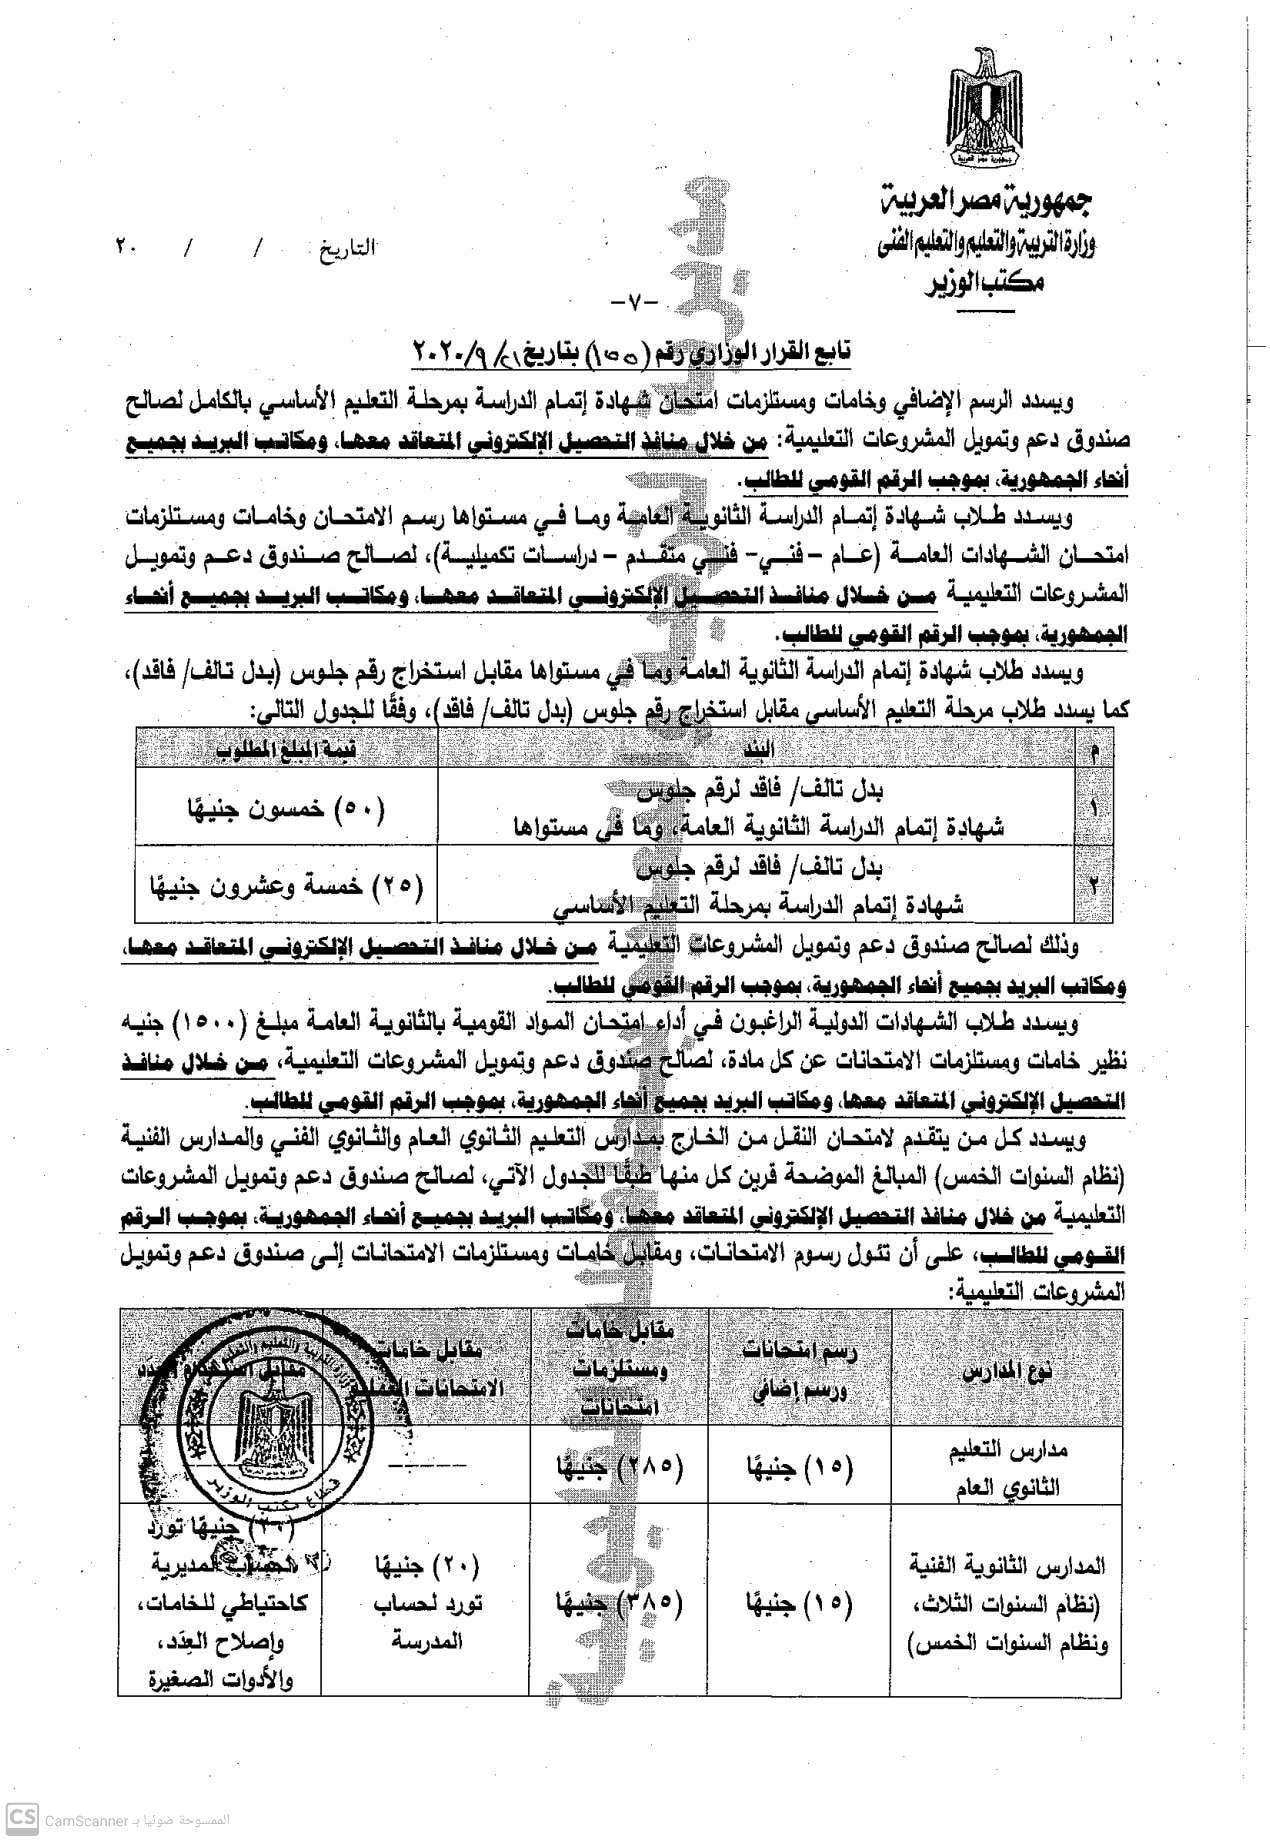 """رسميا.. المصروفات الدراسية للعام ٢٠٢١/٢٠٢٠.. من ٢٠٠ لـ ٥٠٠ جنية """"مستند"""" 7"""